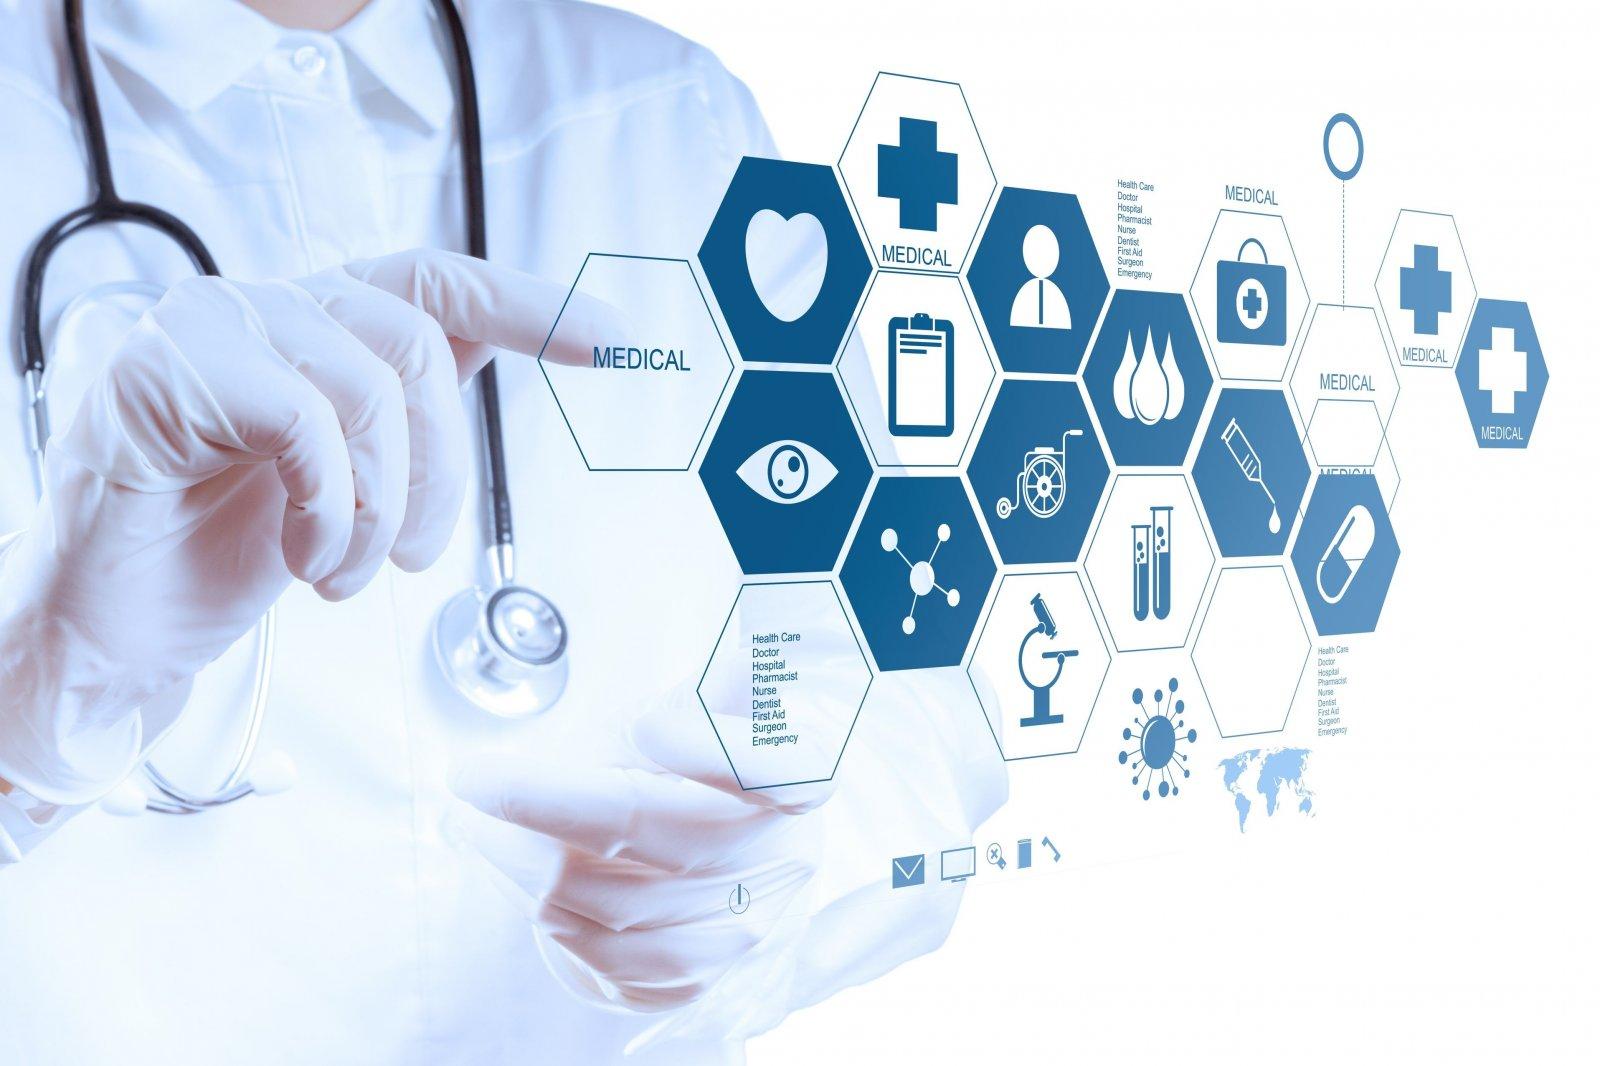 Использование новых моделей цифрового здравоохранения могло бы помочь развивающимся рынкам